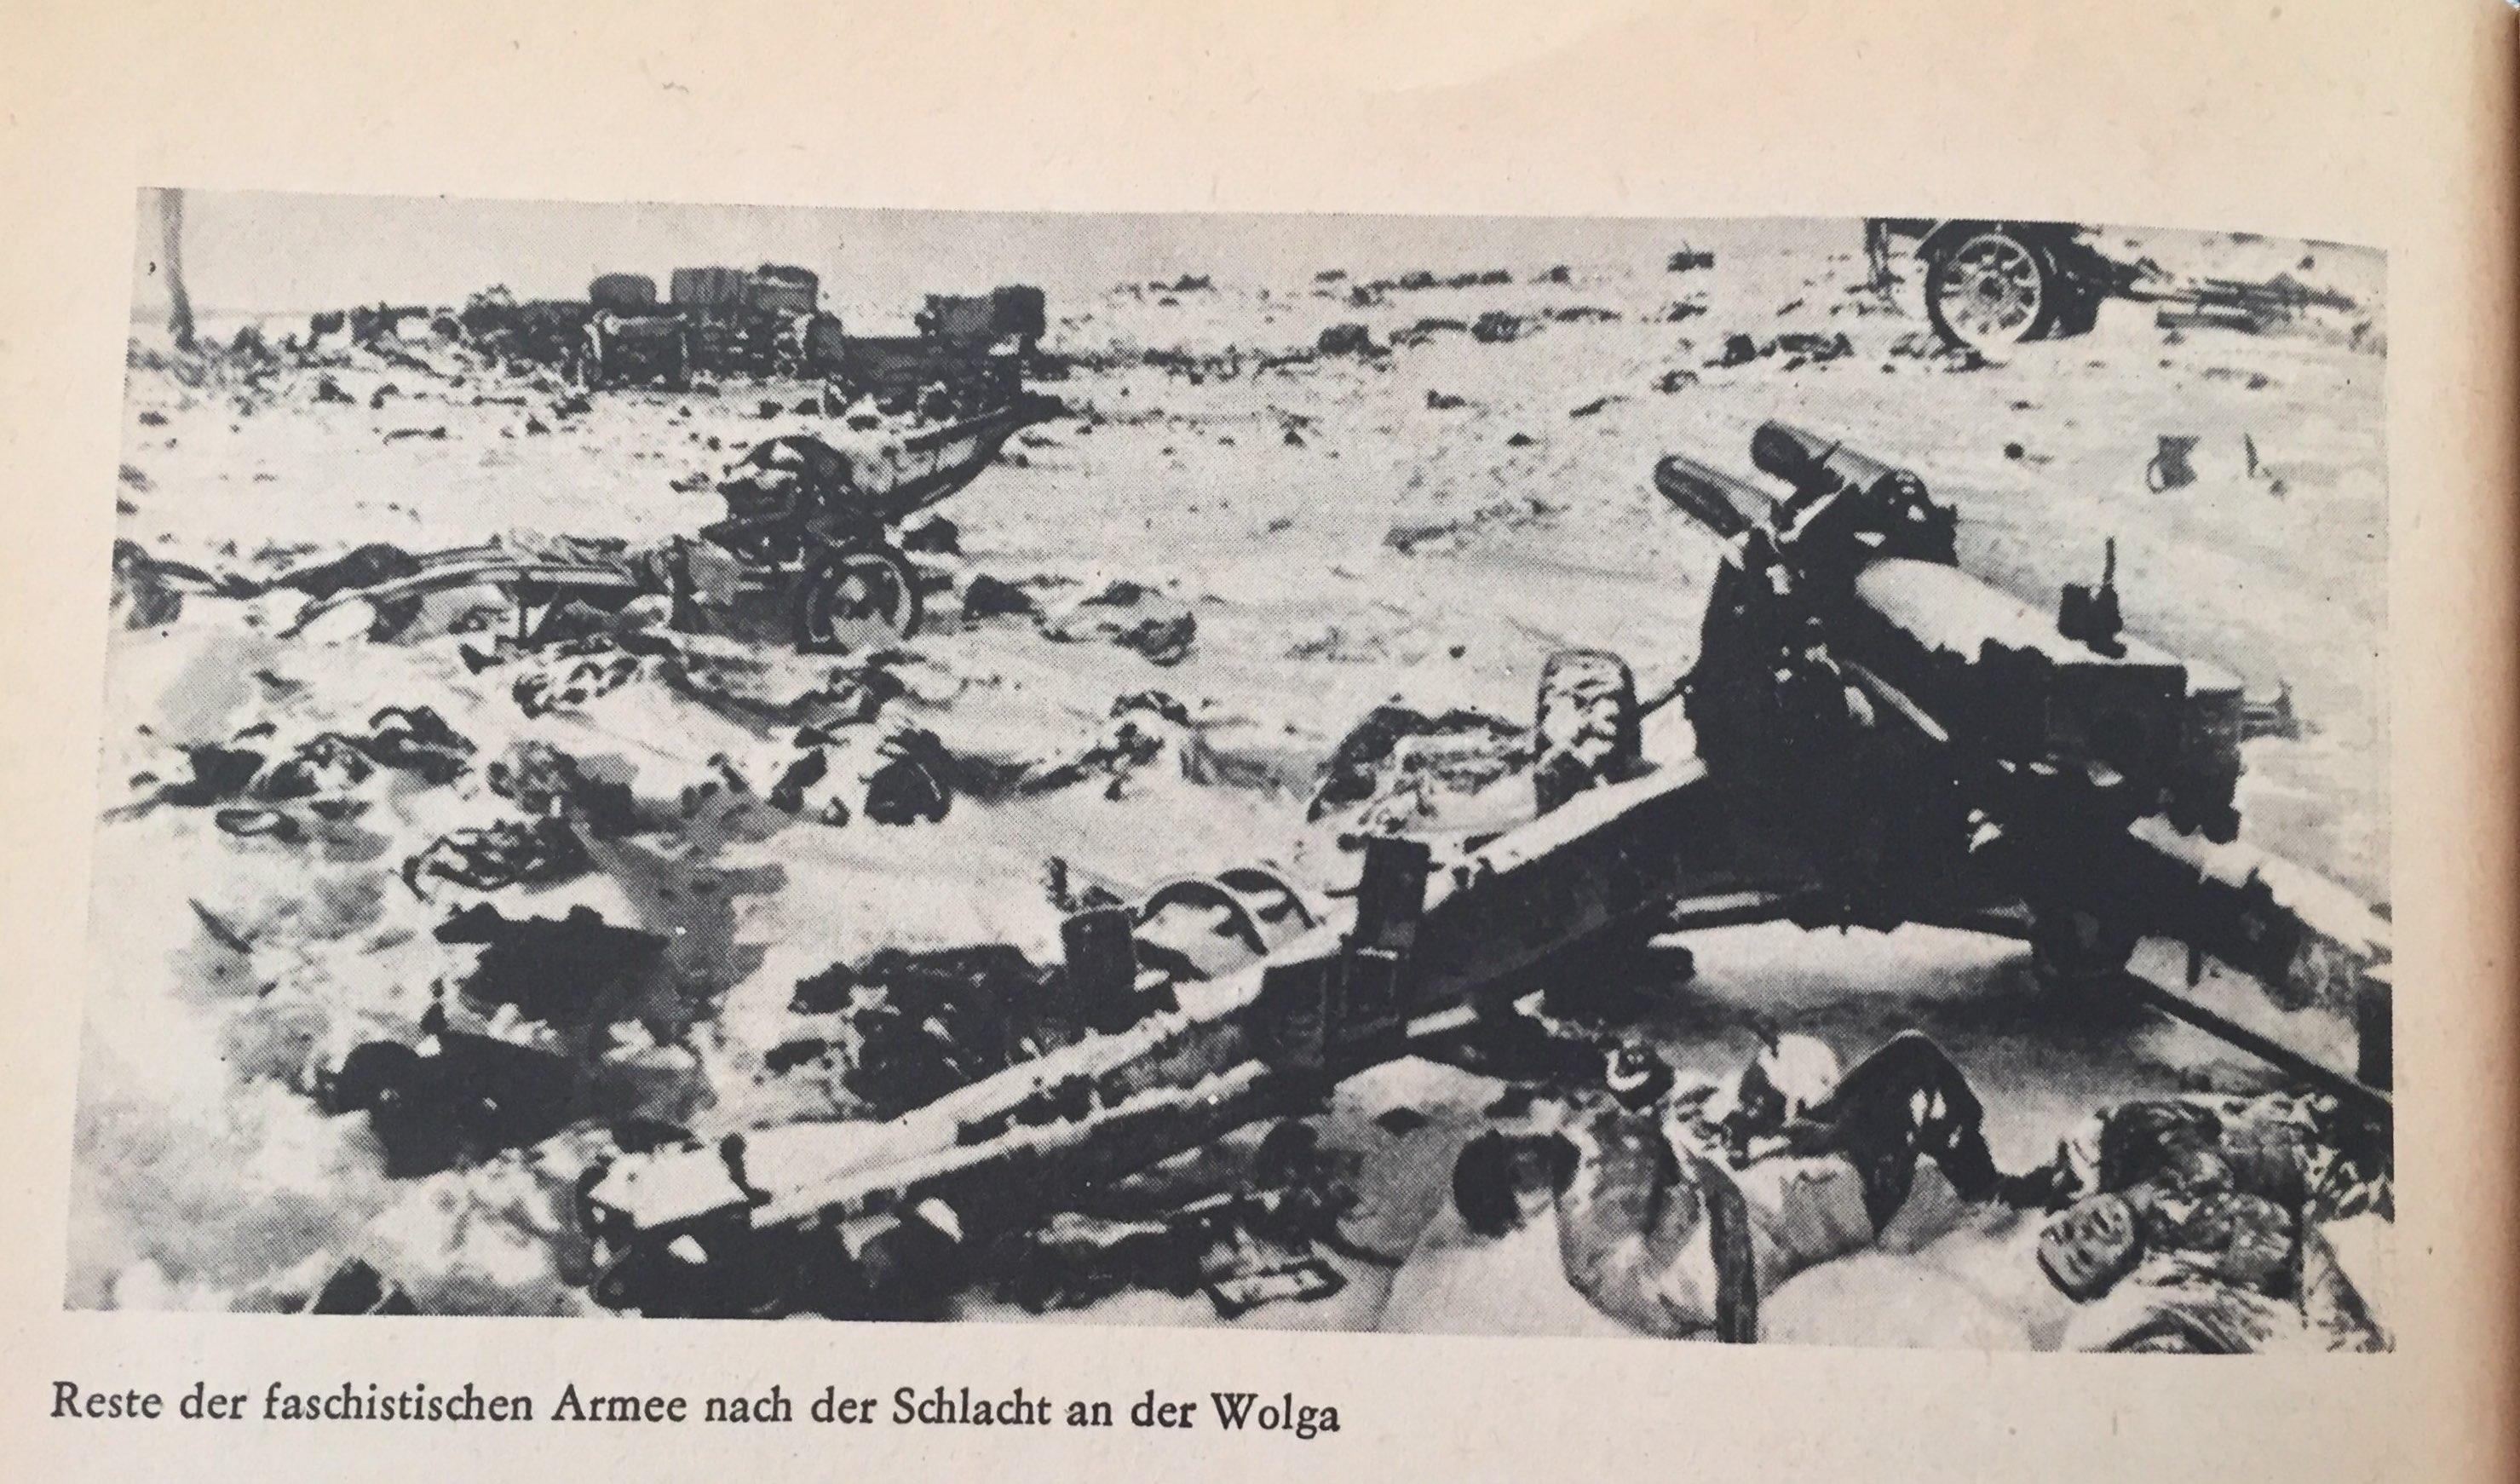 Reste Schlacht an der Wolga